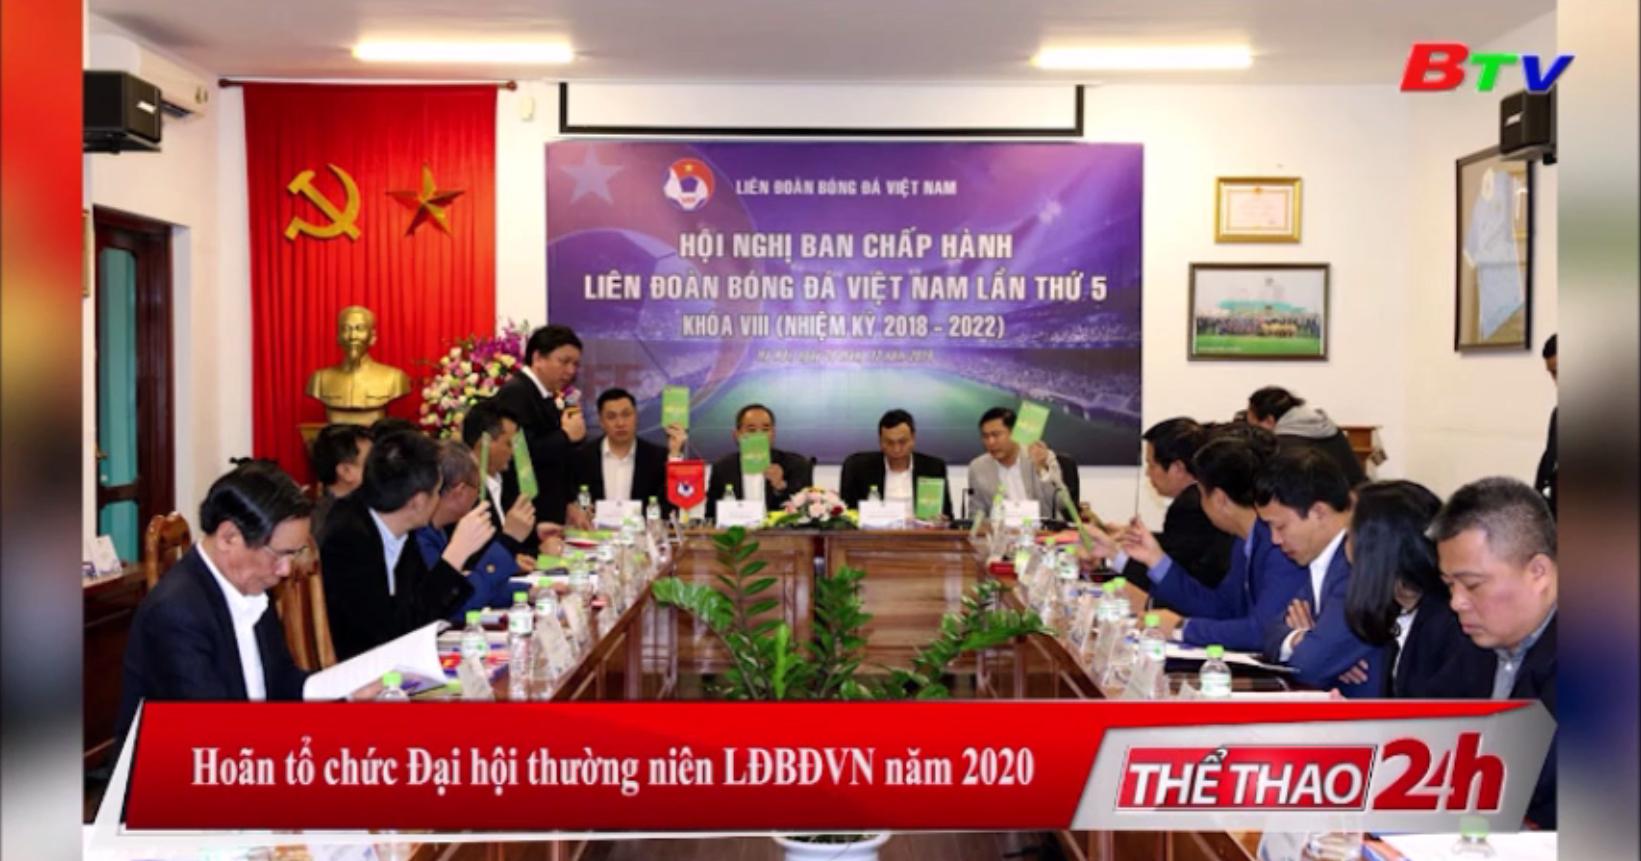 Hoãn tổ chức Đại hội thường niên LĐBĐVN năm 2020